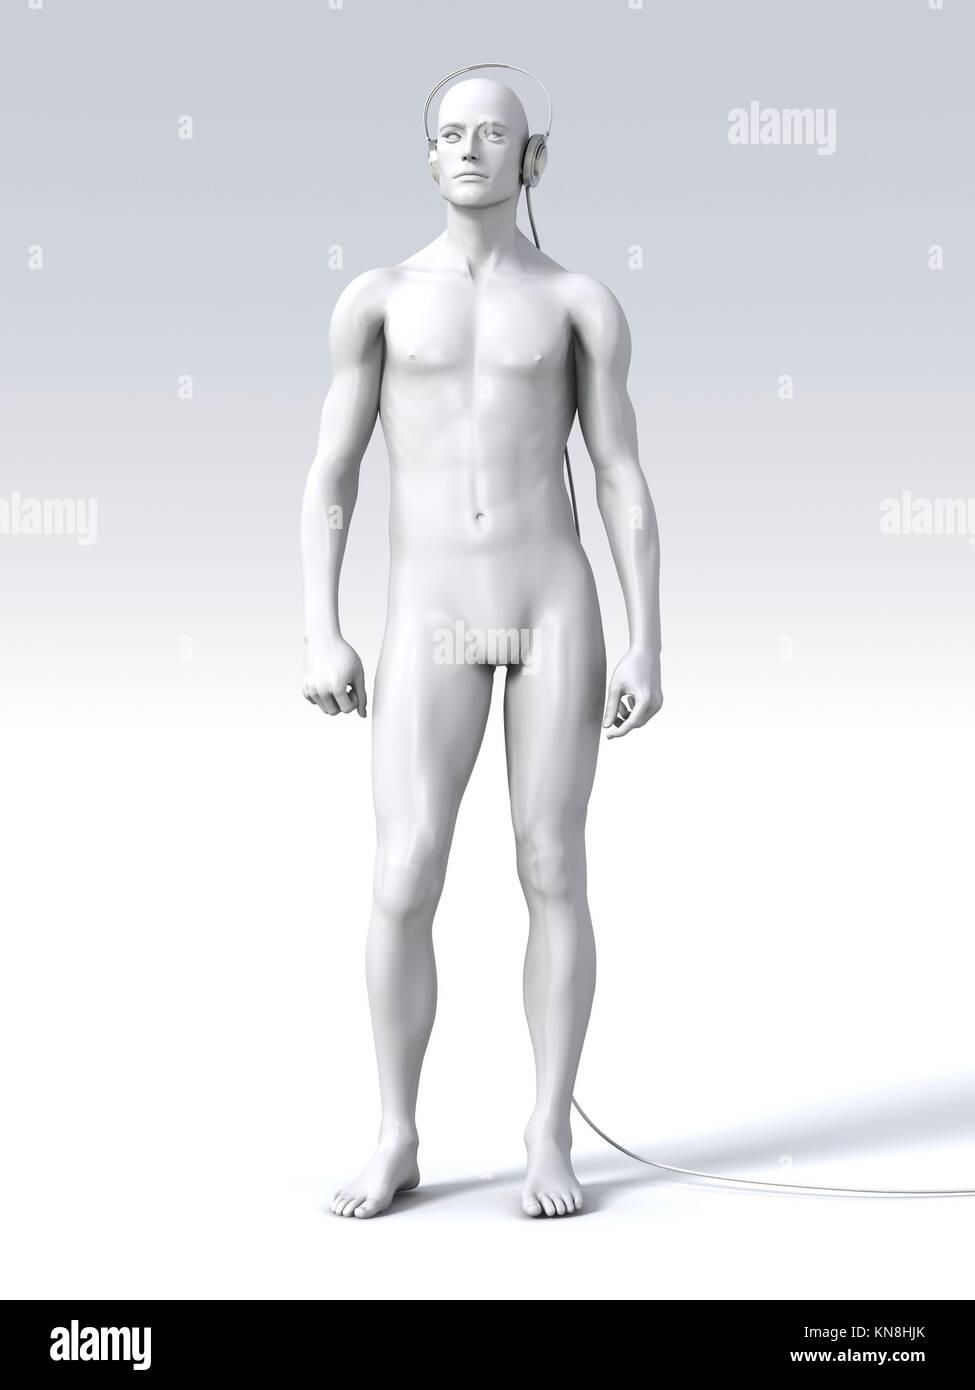 3d Digital Render Male Anatomy Stock Photos & 3d Digital Render Male ...